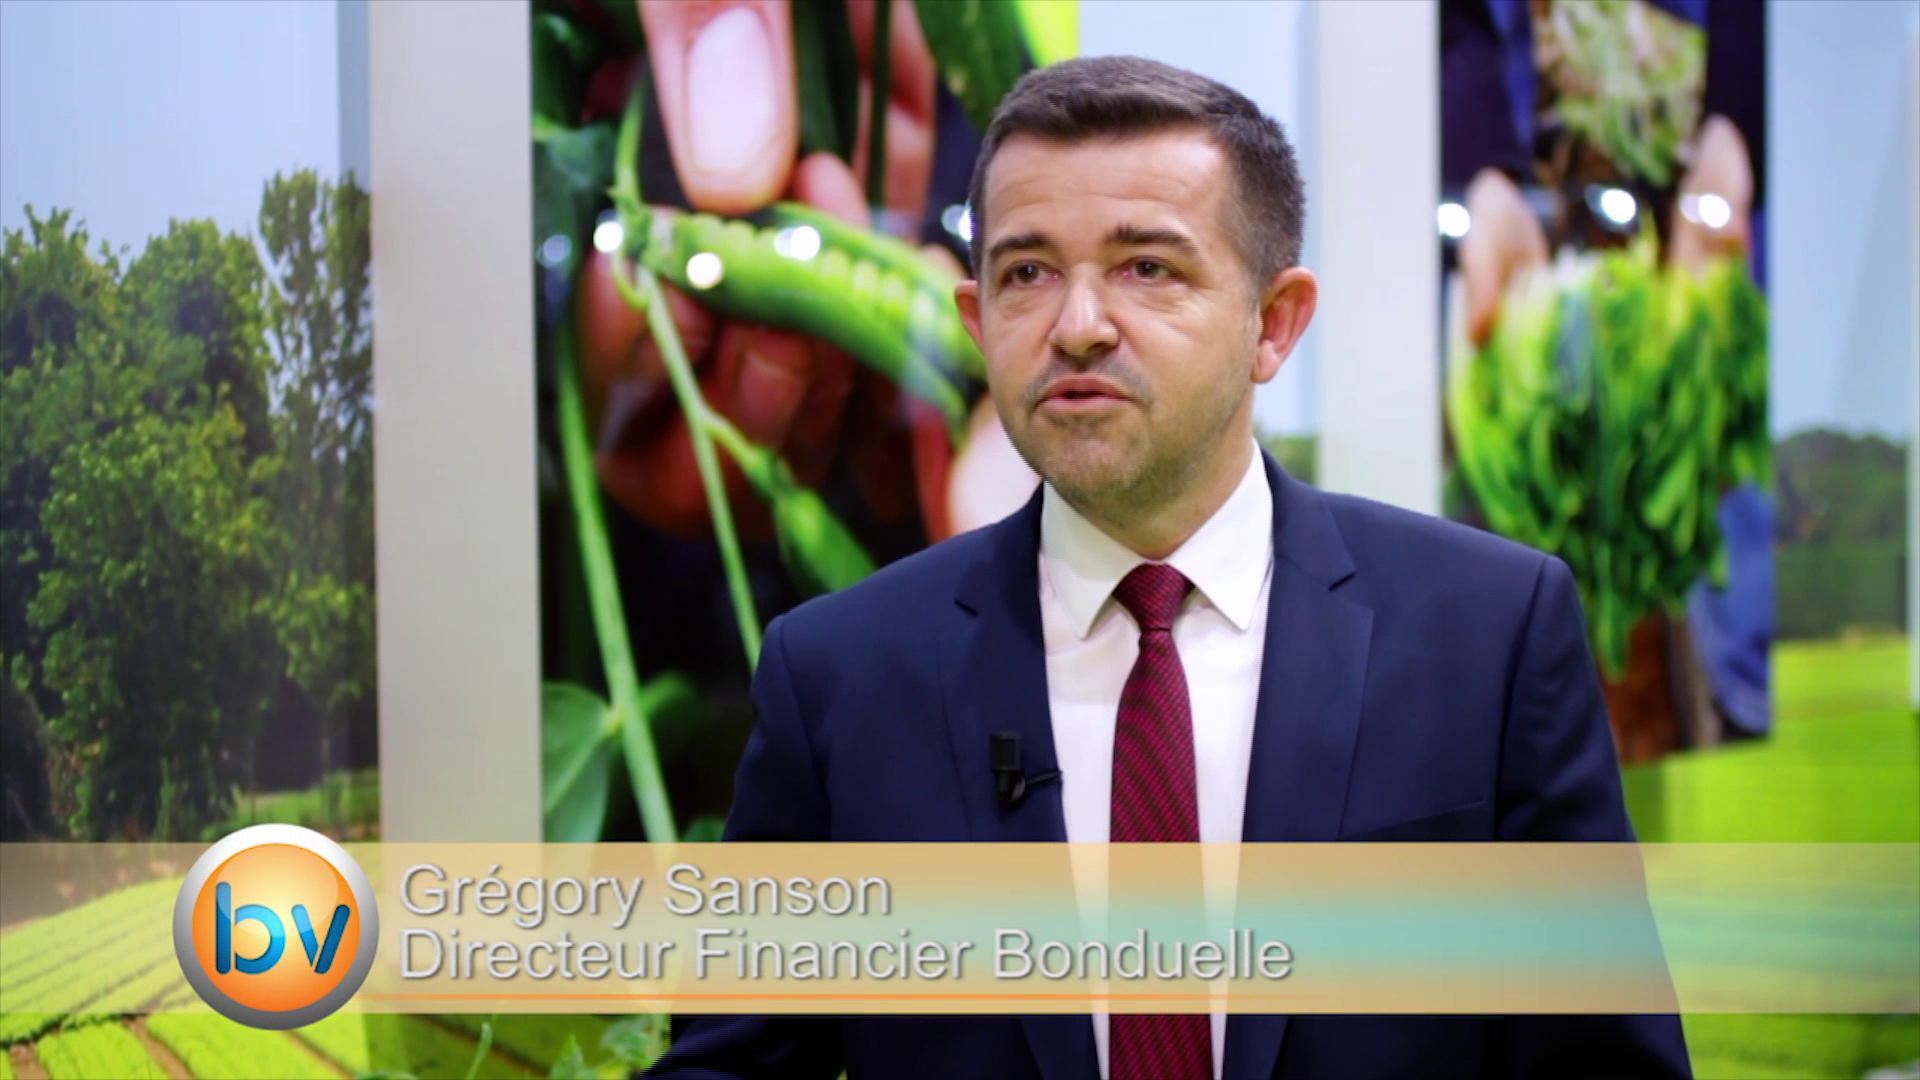 """Grégory Sanson Directeur Financier Bonduelle : """"Notre modèle de développement est basé pour moitié sur la croissance externe"""""""